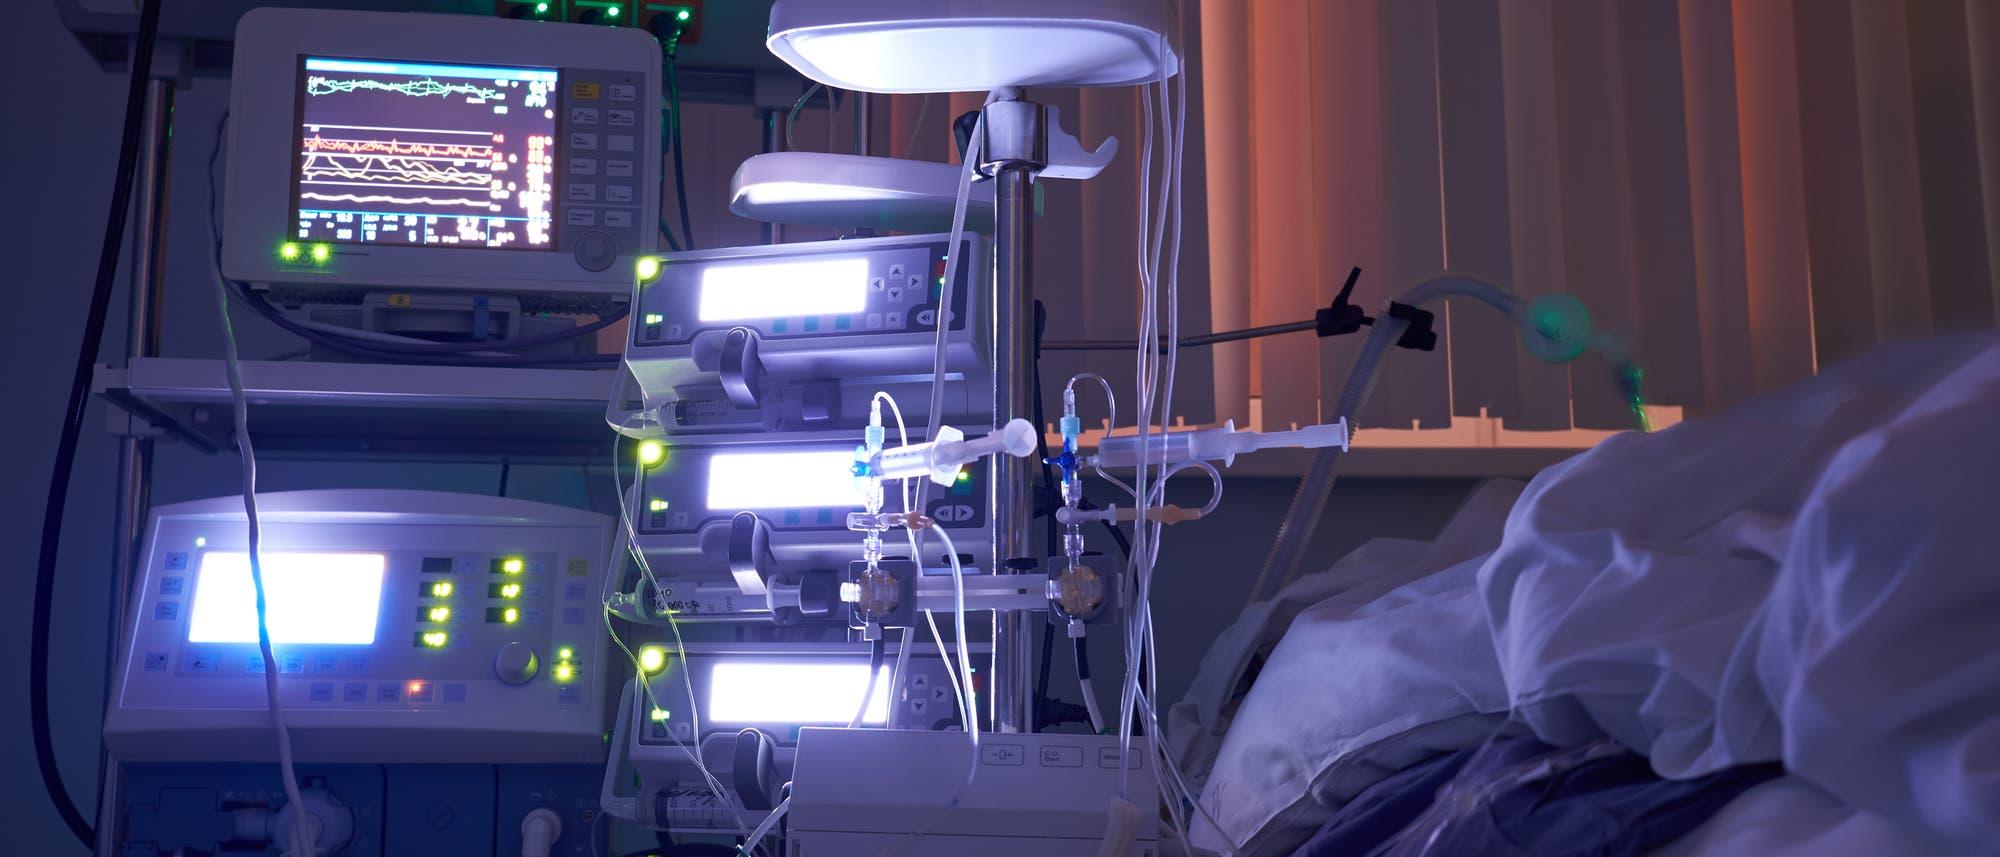 Intensivstation bei Nacht